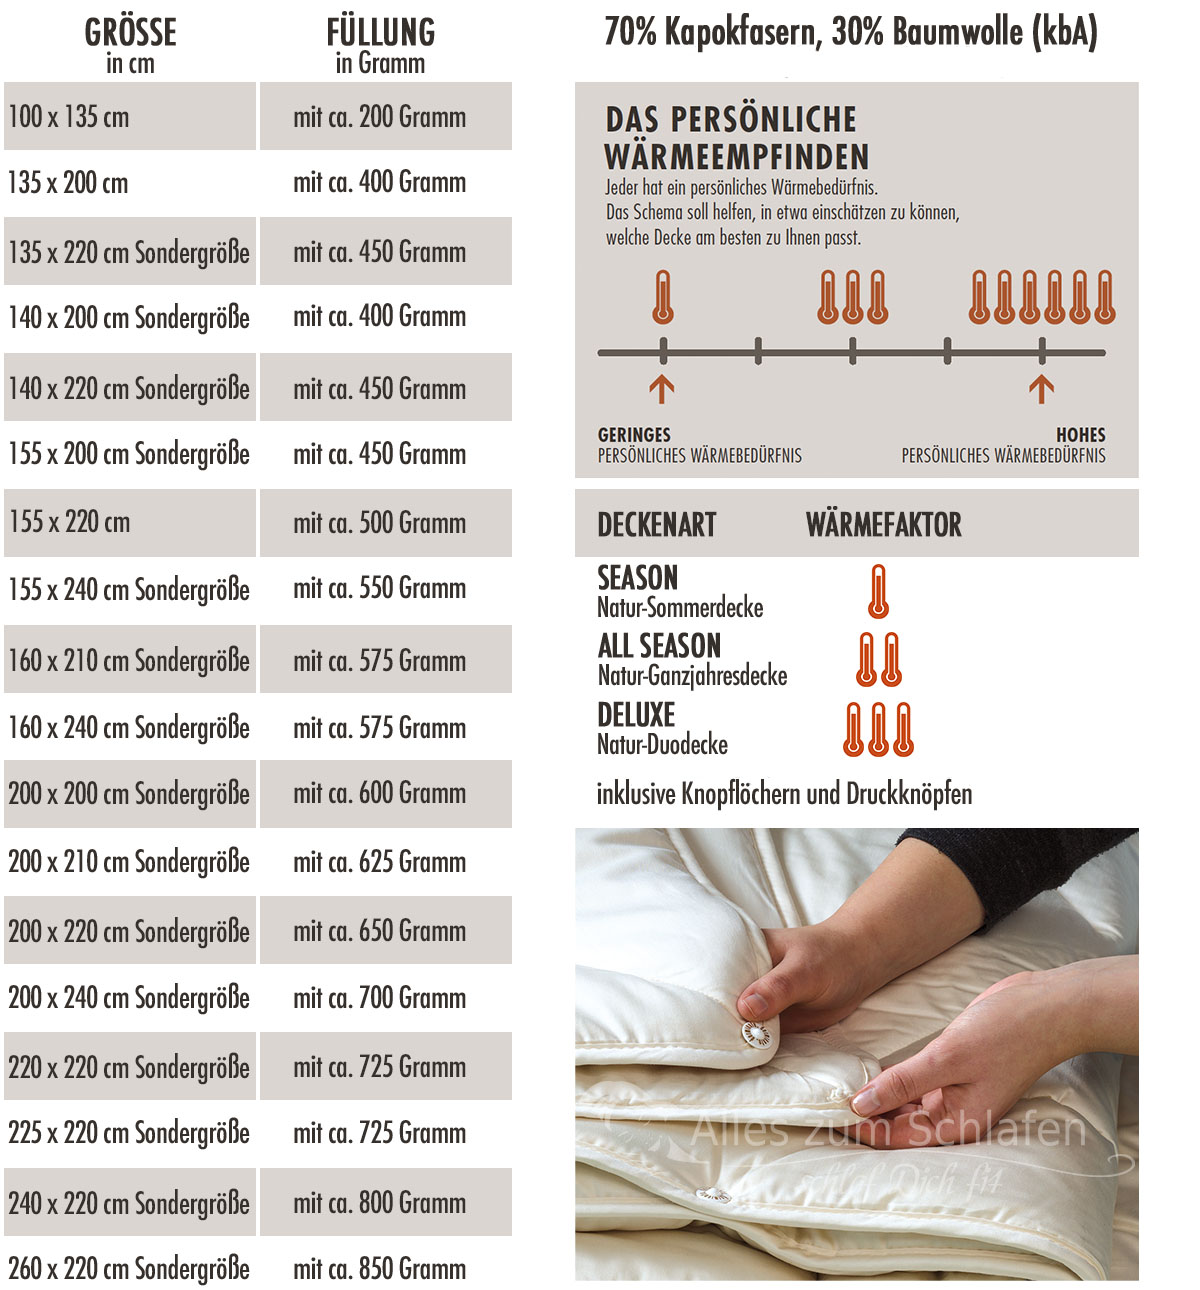 Dormiente-Natural-Breeze-Season-Decke-Waermeempfinden-Tabelle-1024x1101px